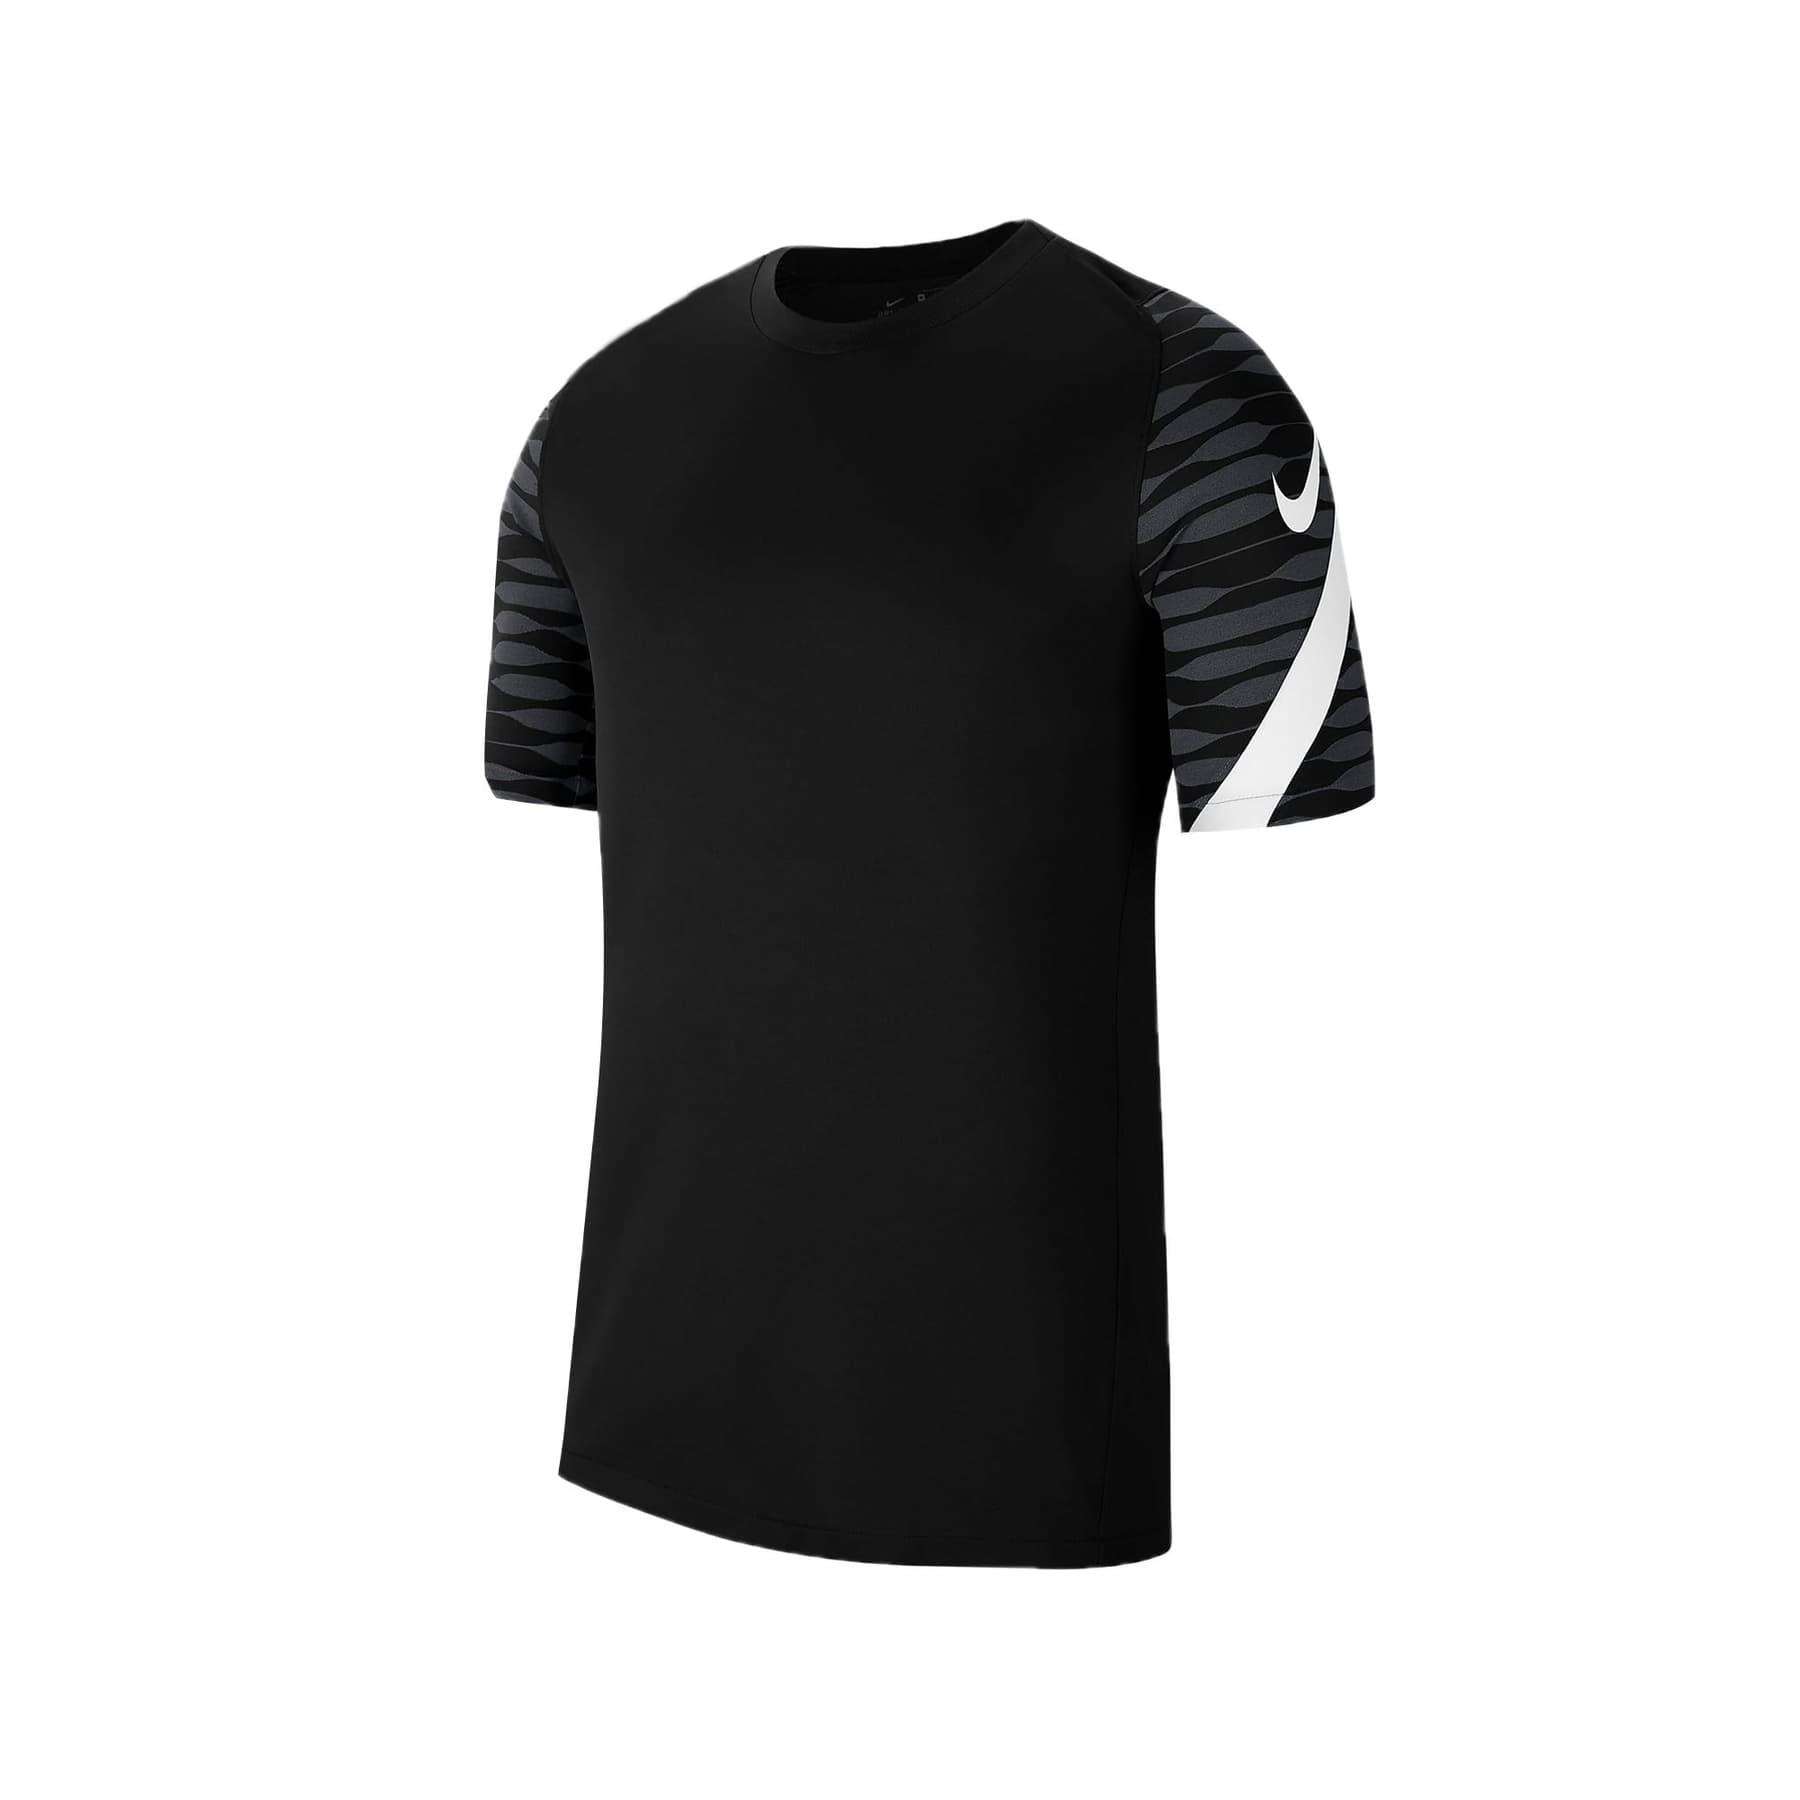 Dri-Fit Strike 21 Erkek Siyah Spor Tişört (CW5843-010)